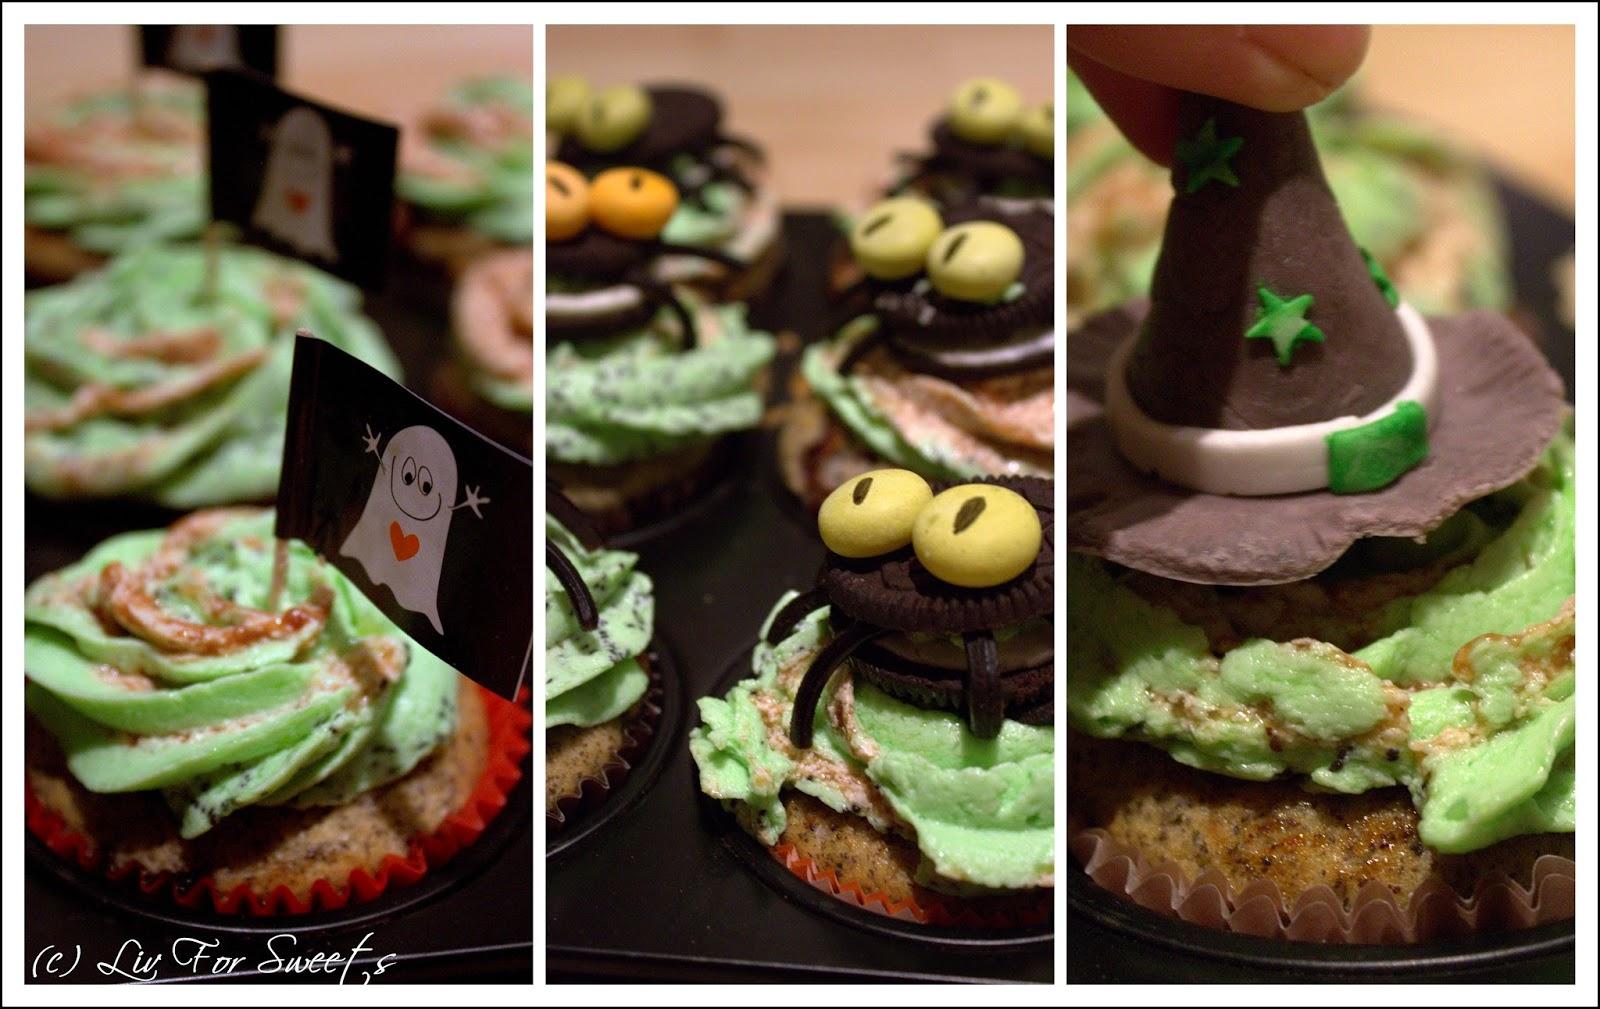 Mohn-Cupcakes mit einer Füllung aus Pflaumenmus mit einer Gespensterfahne, einer Spinne aus Keks und Lakritschlange und einem Hexenhut aus Fondant, Rezept, Thermomix, Halloween